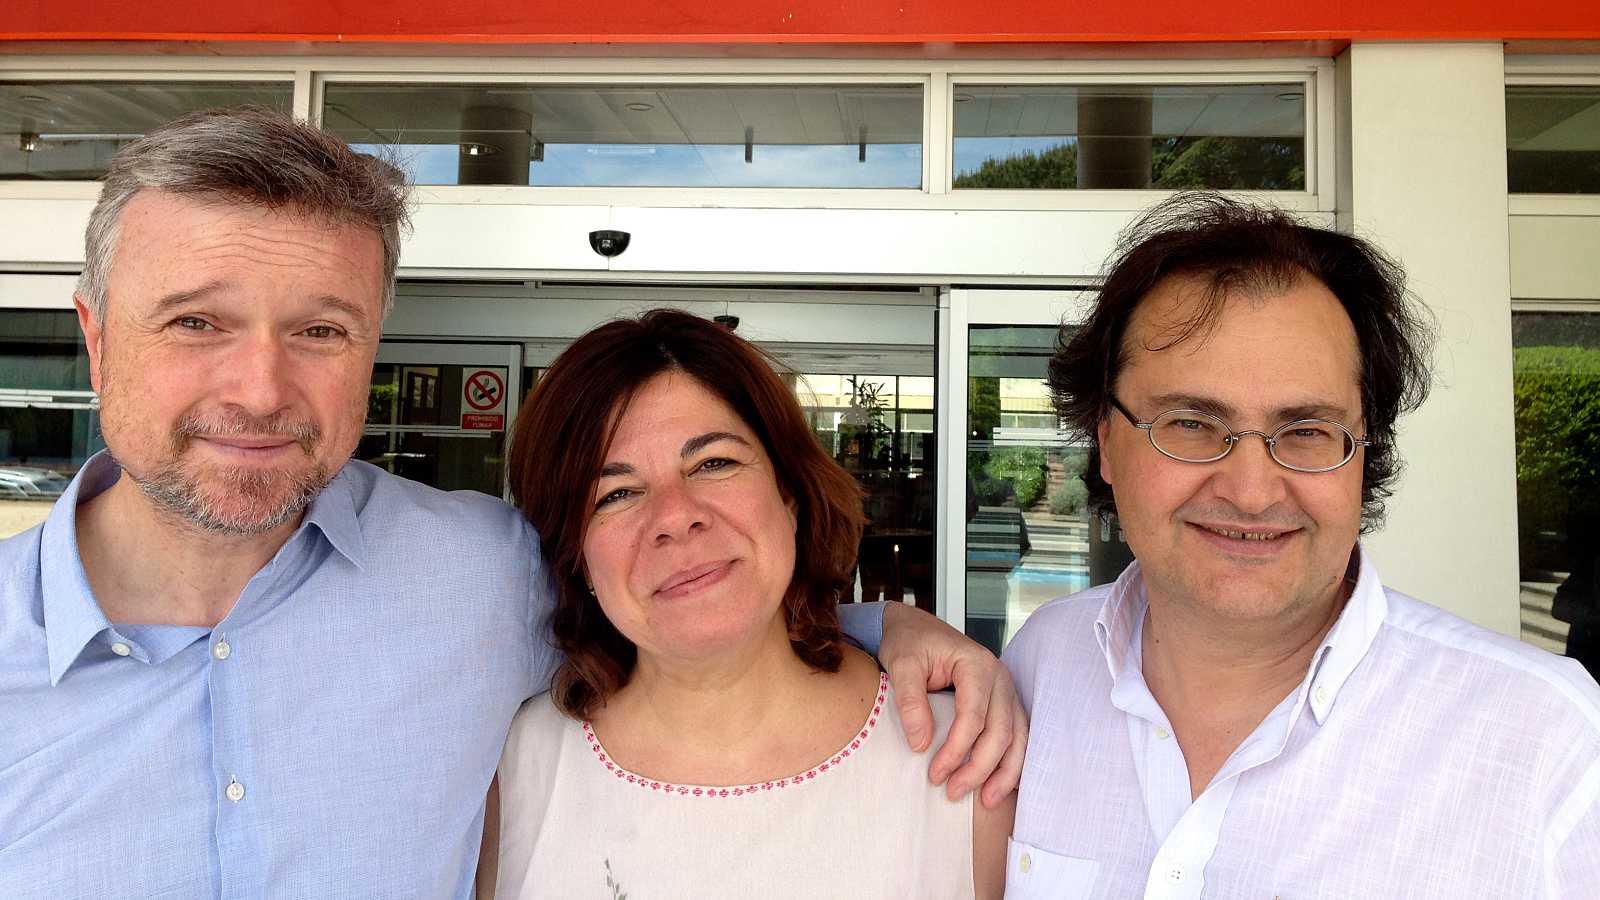 He venido aquí a hablar de lo mío - Juan Manuel Bellver y  Luis Miguel Úbeda - 20/08/15 - Escuchar ahora